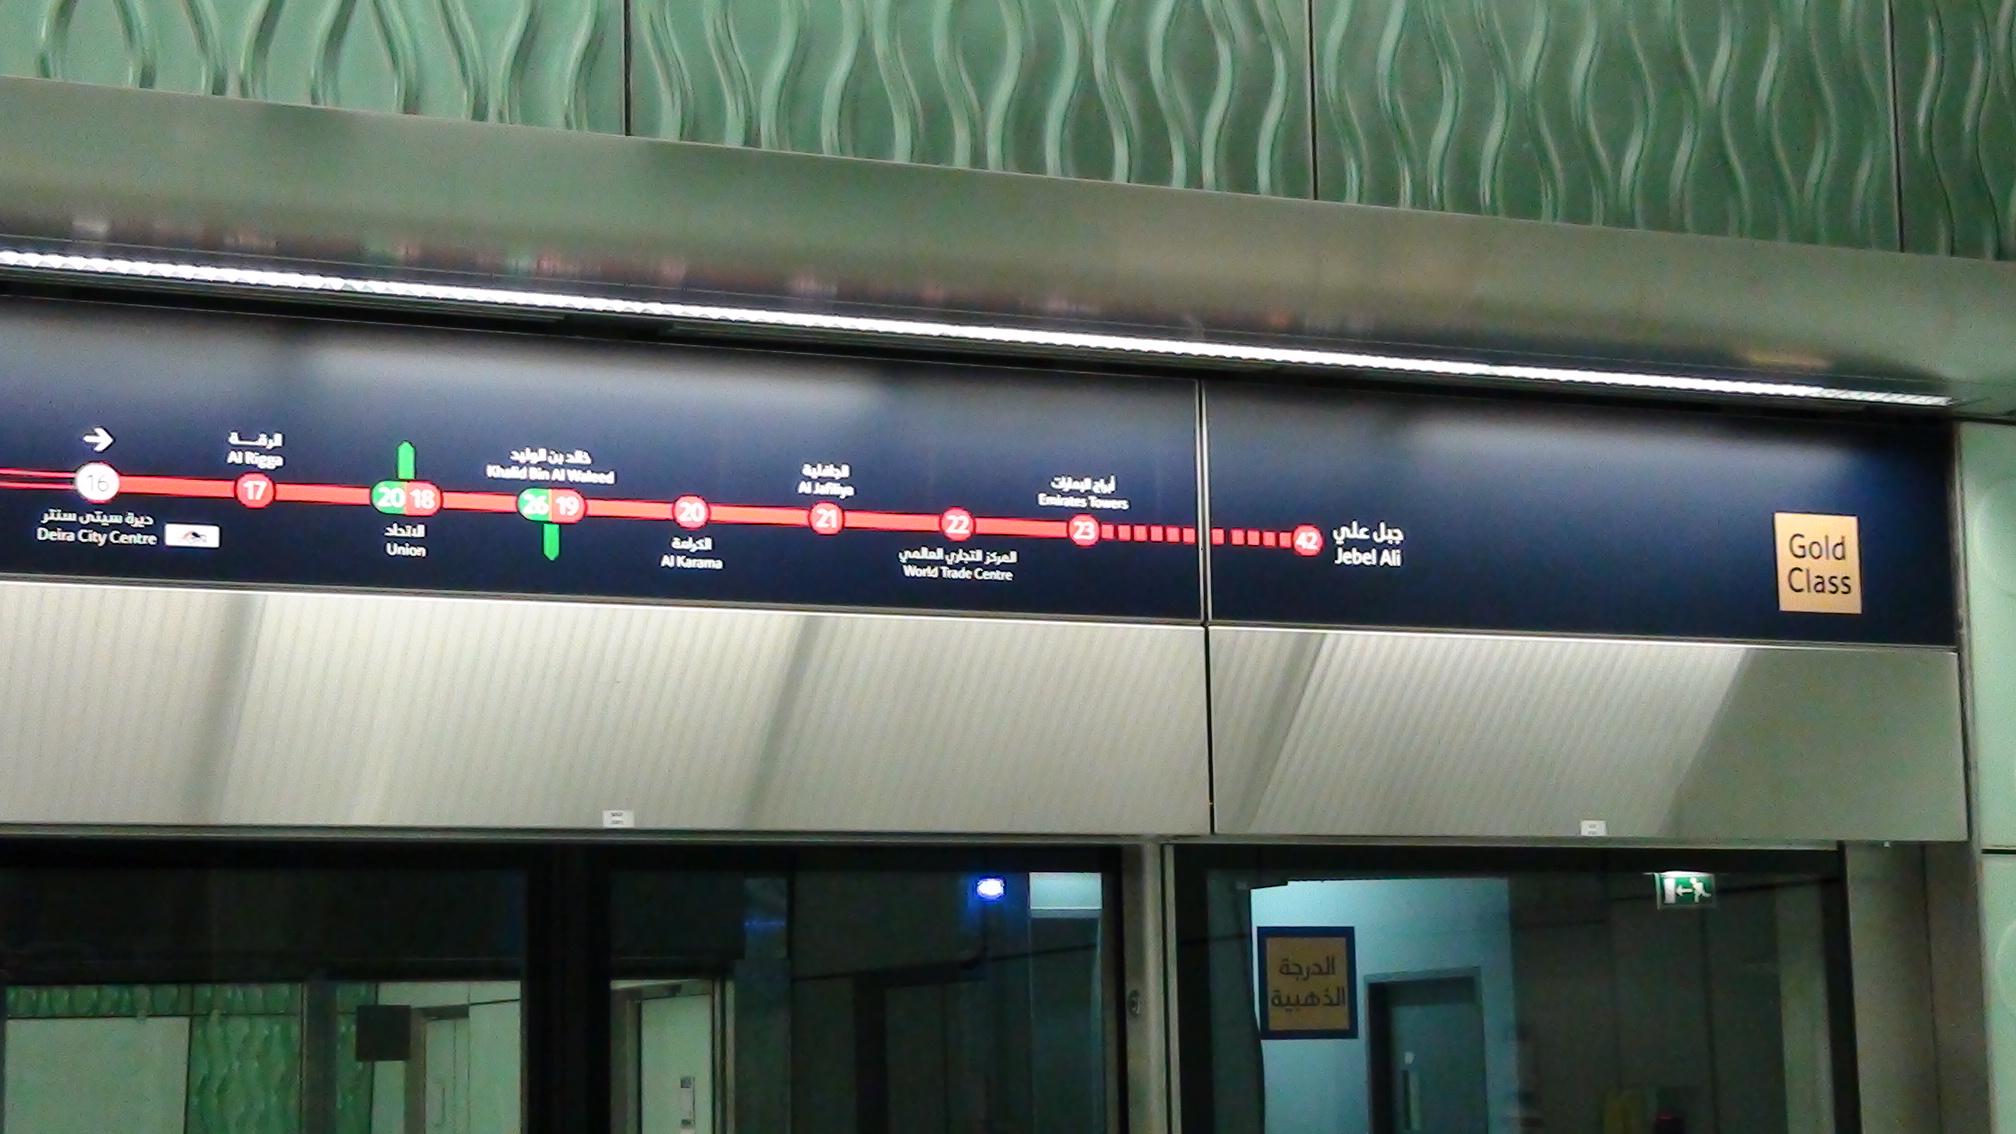 مترو دبى - dubai metro (77)